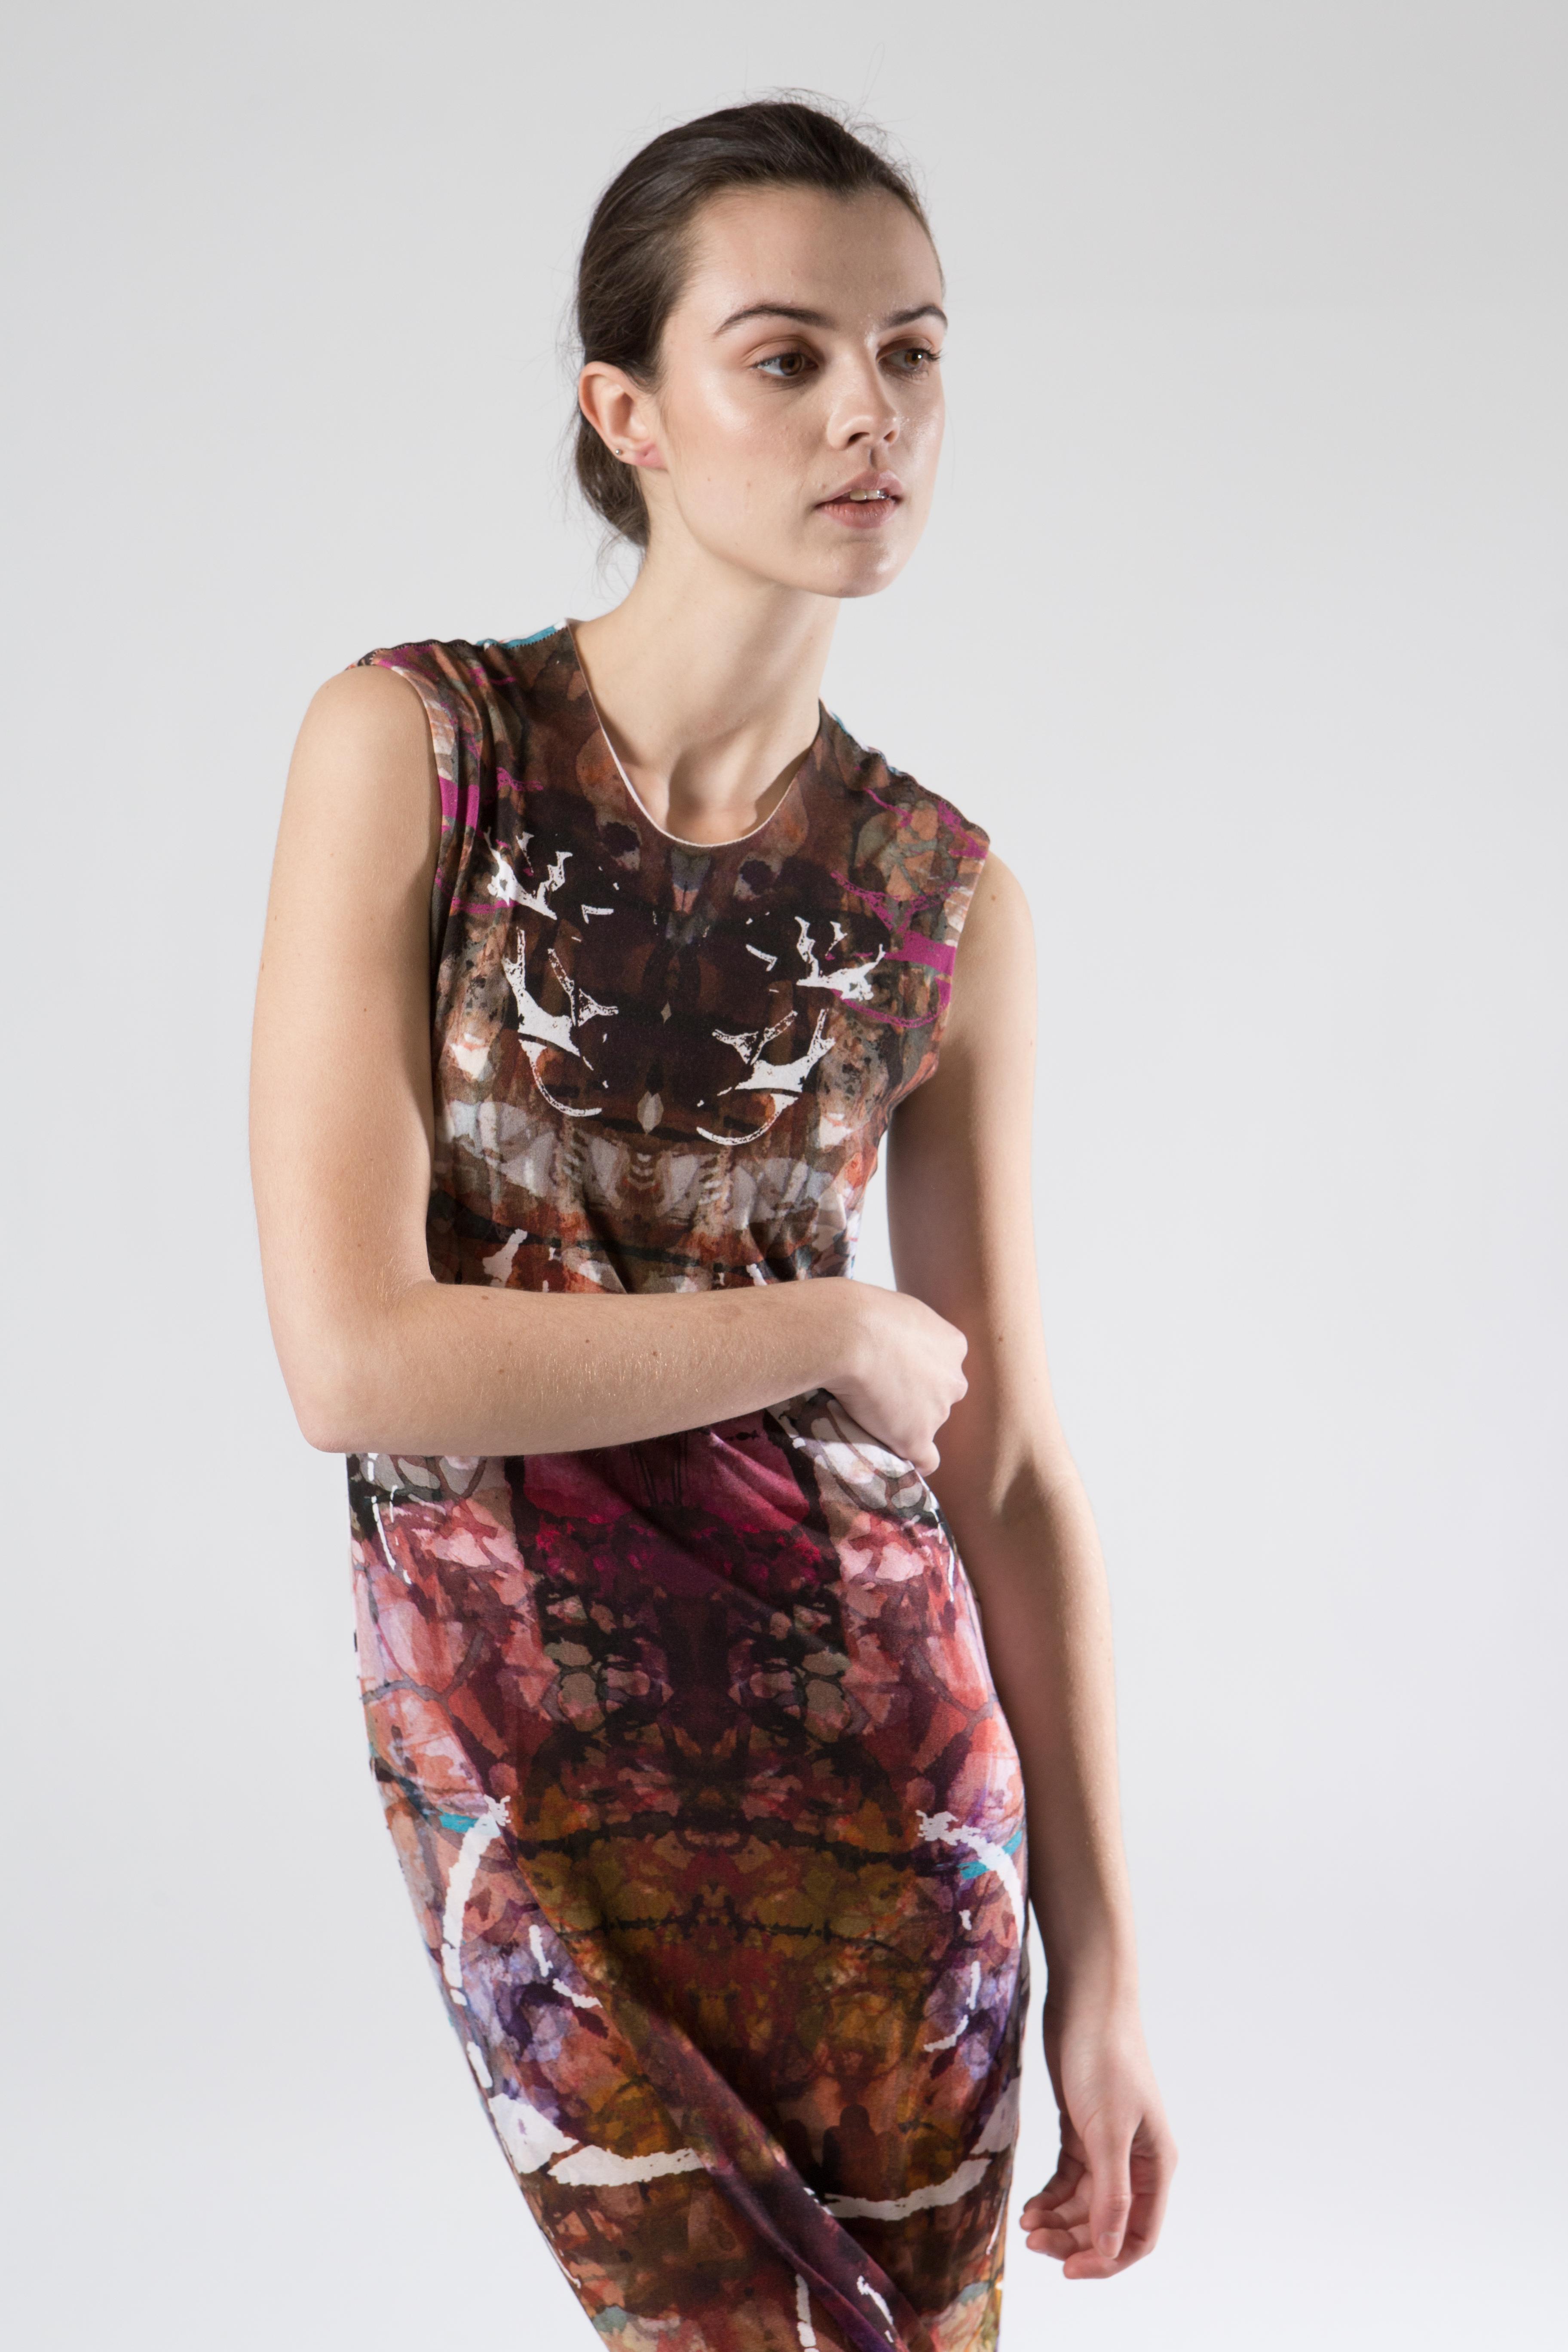 Clare Lips (3)